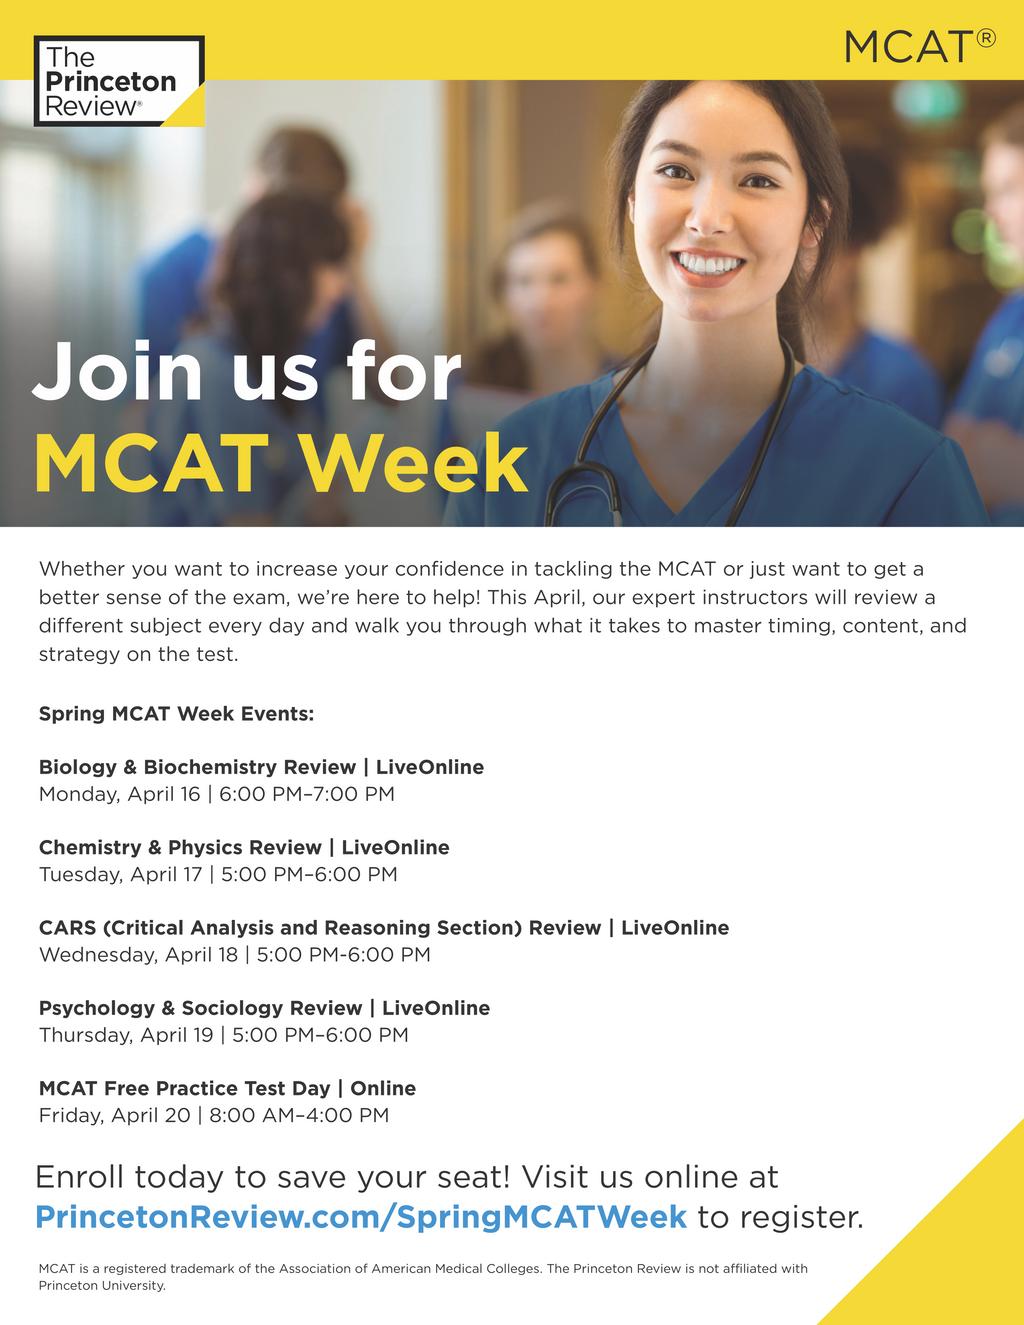 Princeton Review Spring MCAT Week